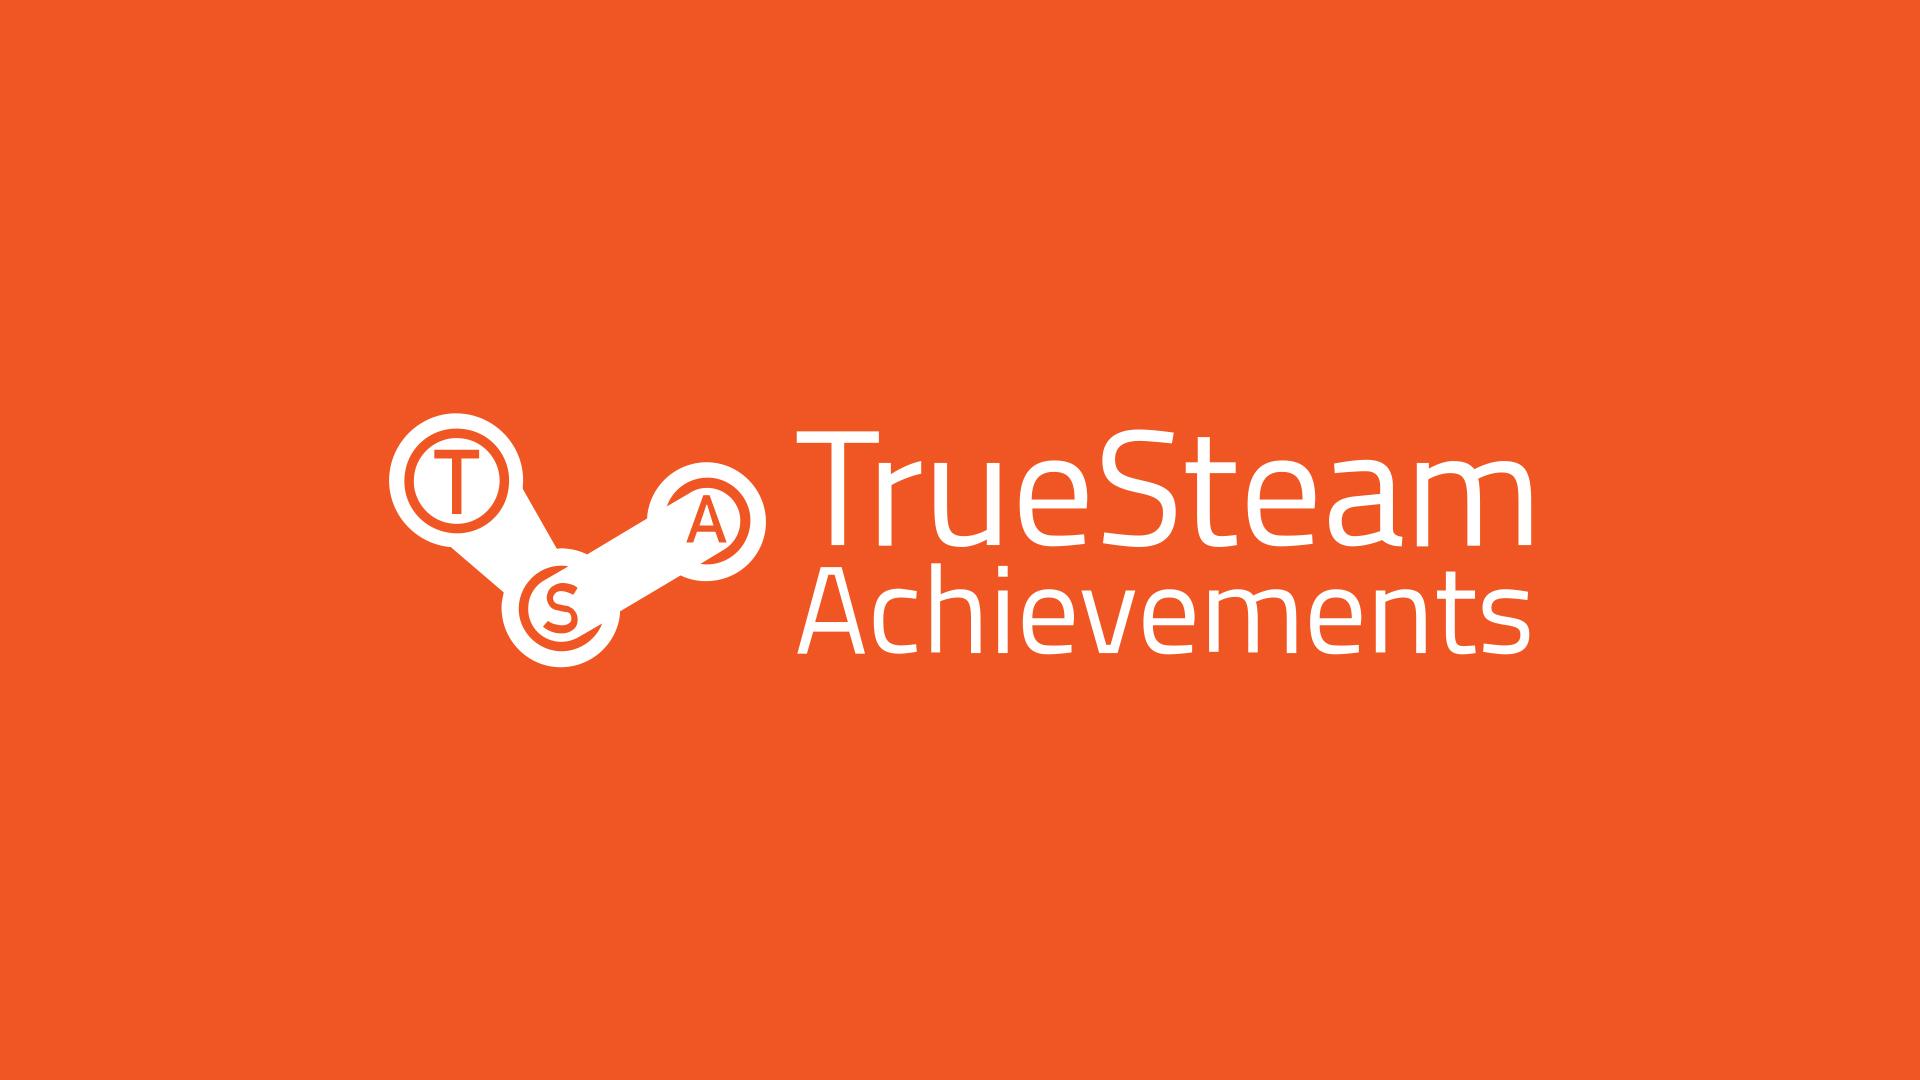 True-Steam-Achievements-logo